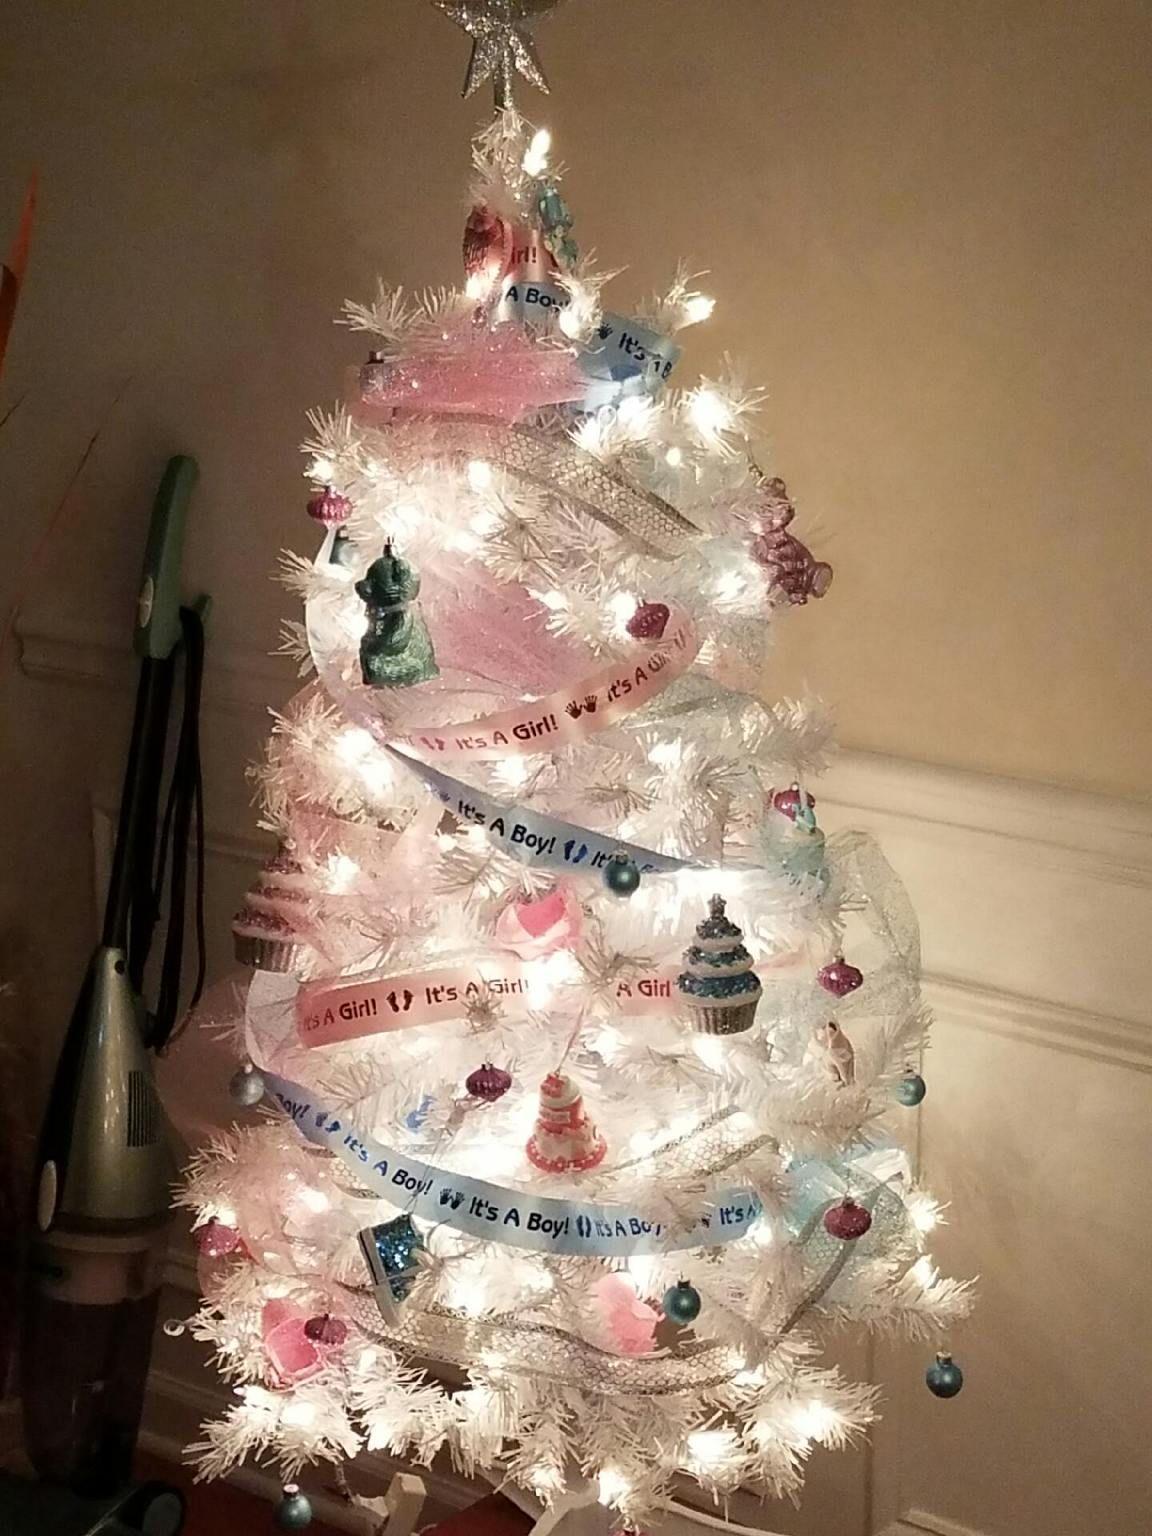 Diy Gender Reveal Christmas Tree Created By Yours Truly Christmas Gender Reveal Baby Gender Reveal Party Christmas Tree Gender Reveal